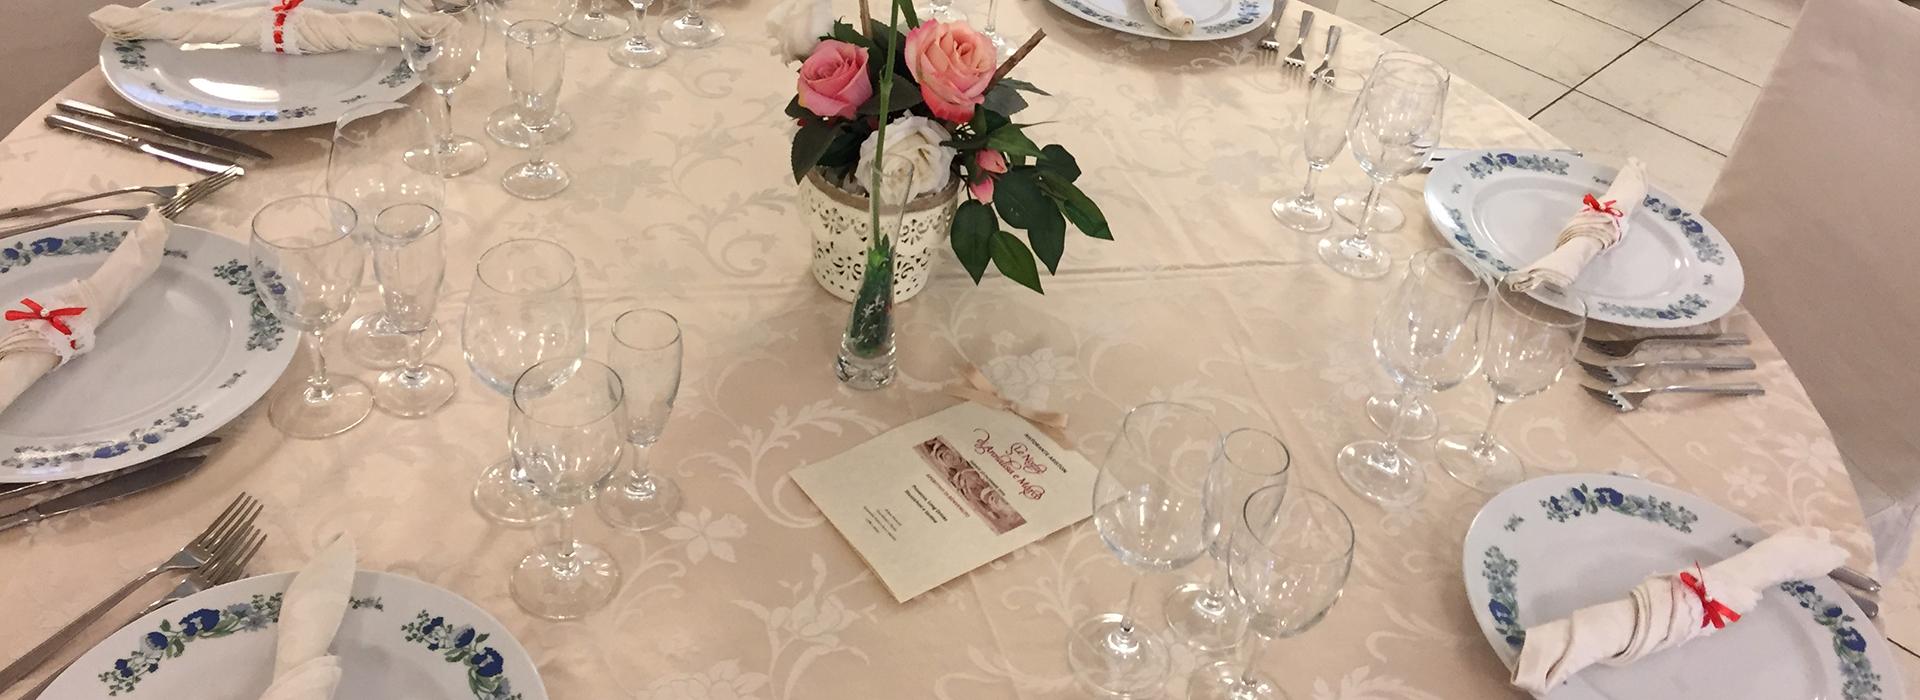 Matrimonio Al Mare Toscana : Scegli la location per il tuo matrimonio in toscana